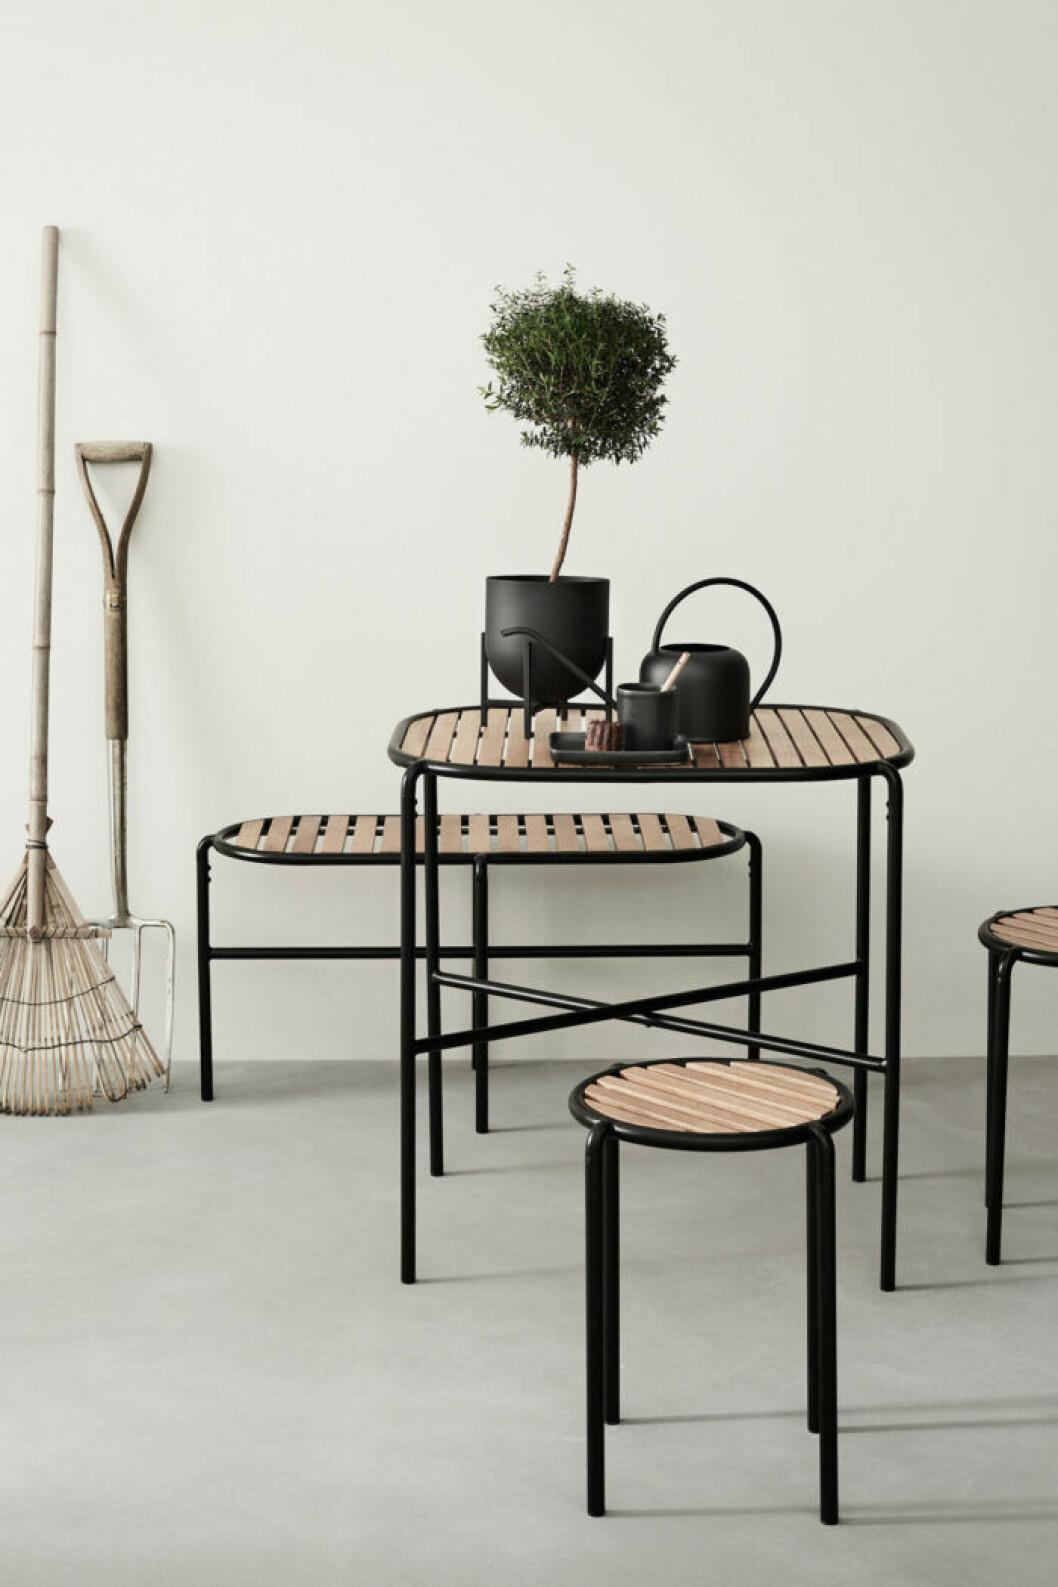 H&M home har släppt sina första utemöbler